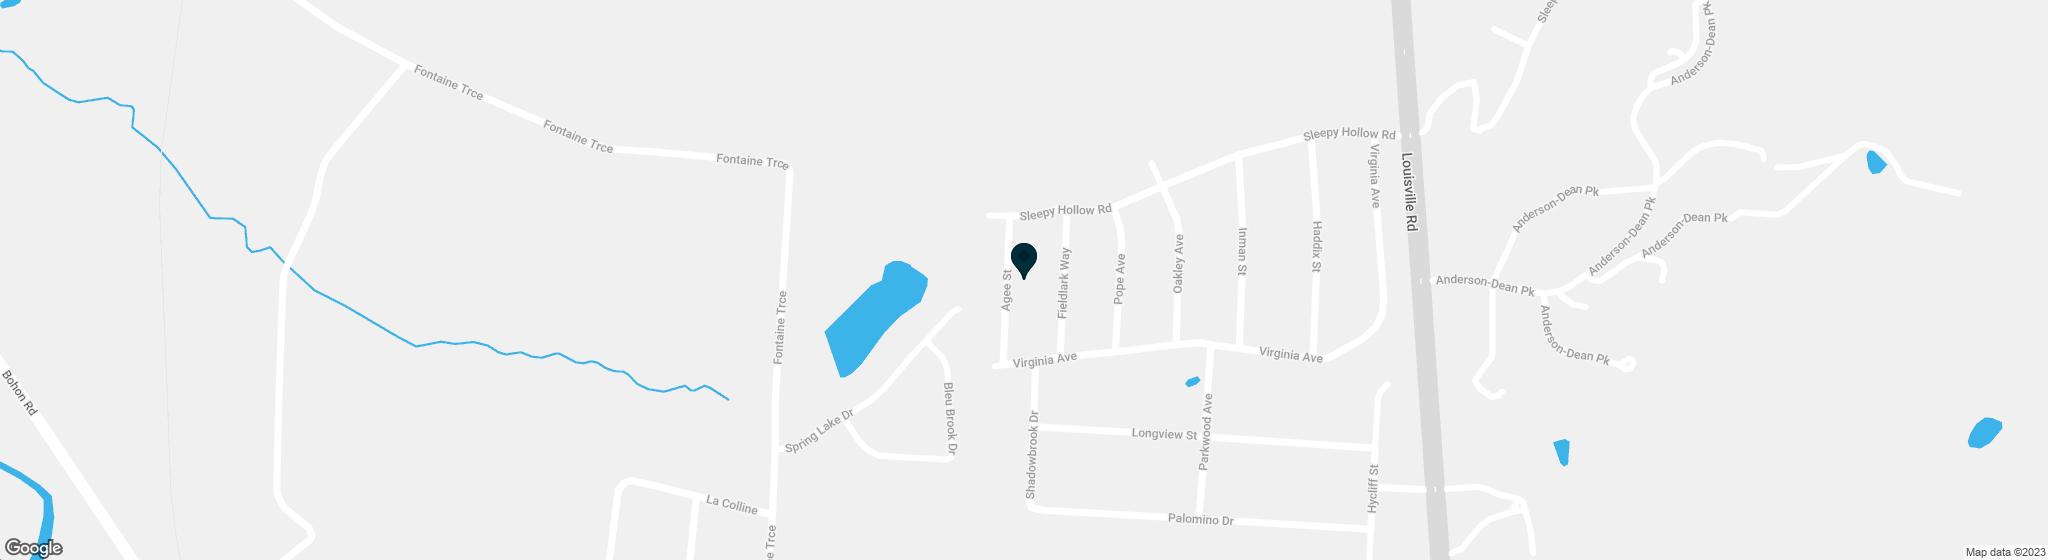 433 Agee Street Harrodsburg KY 40330